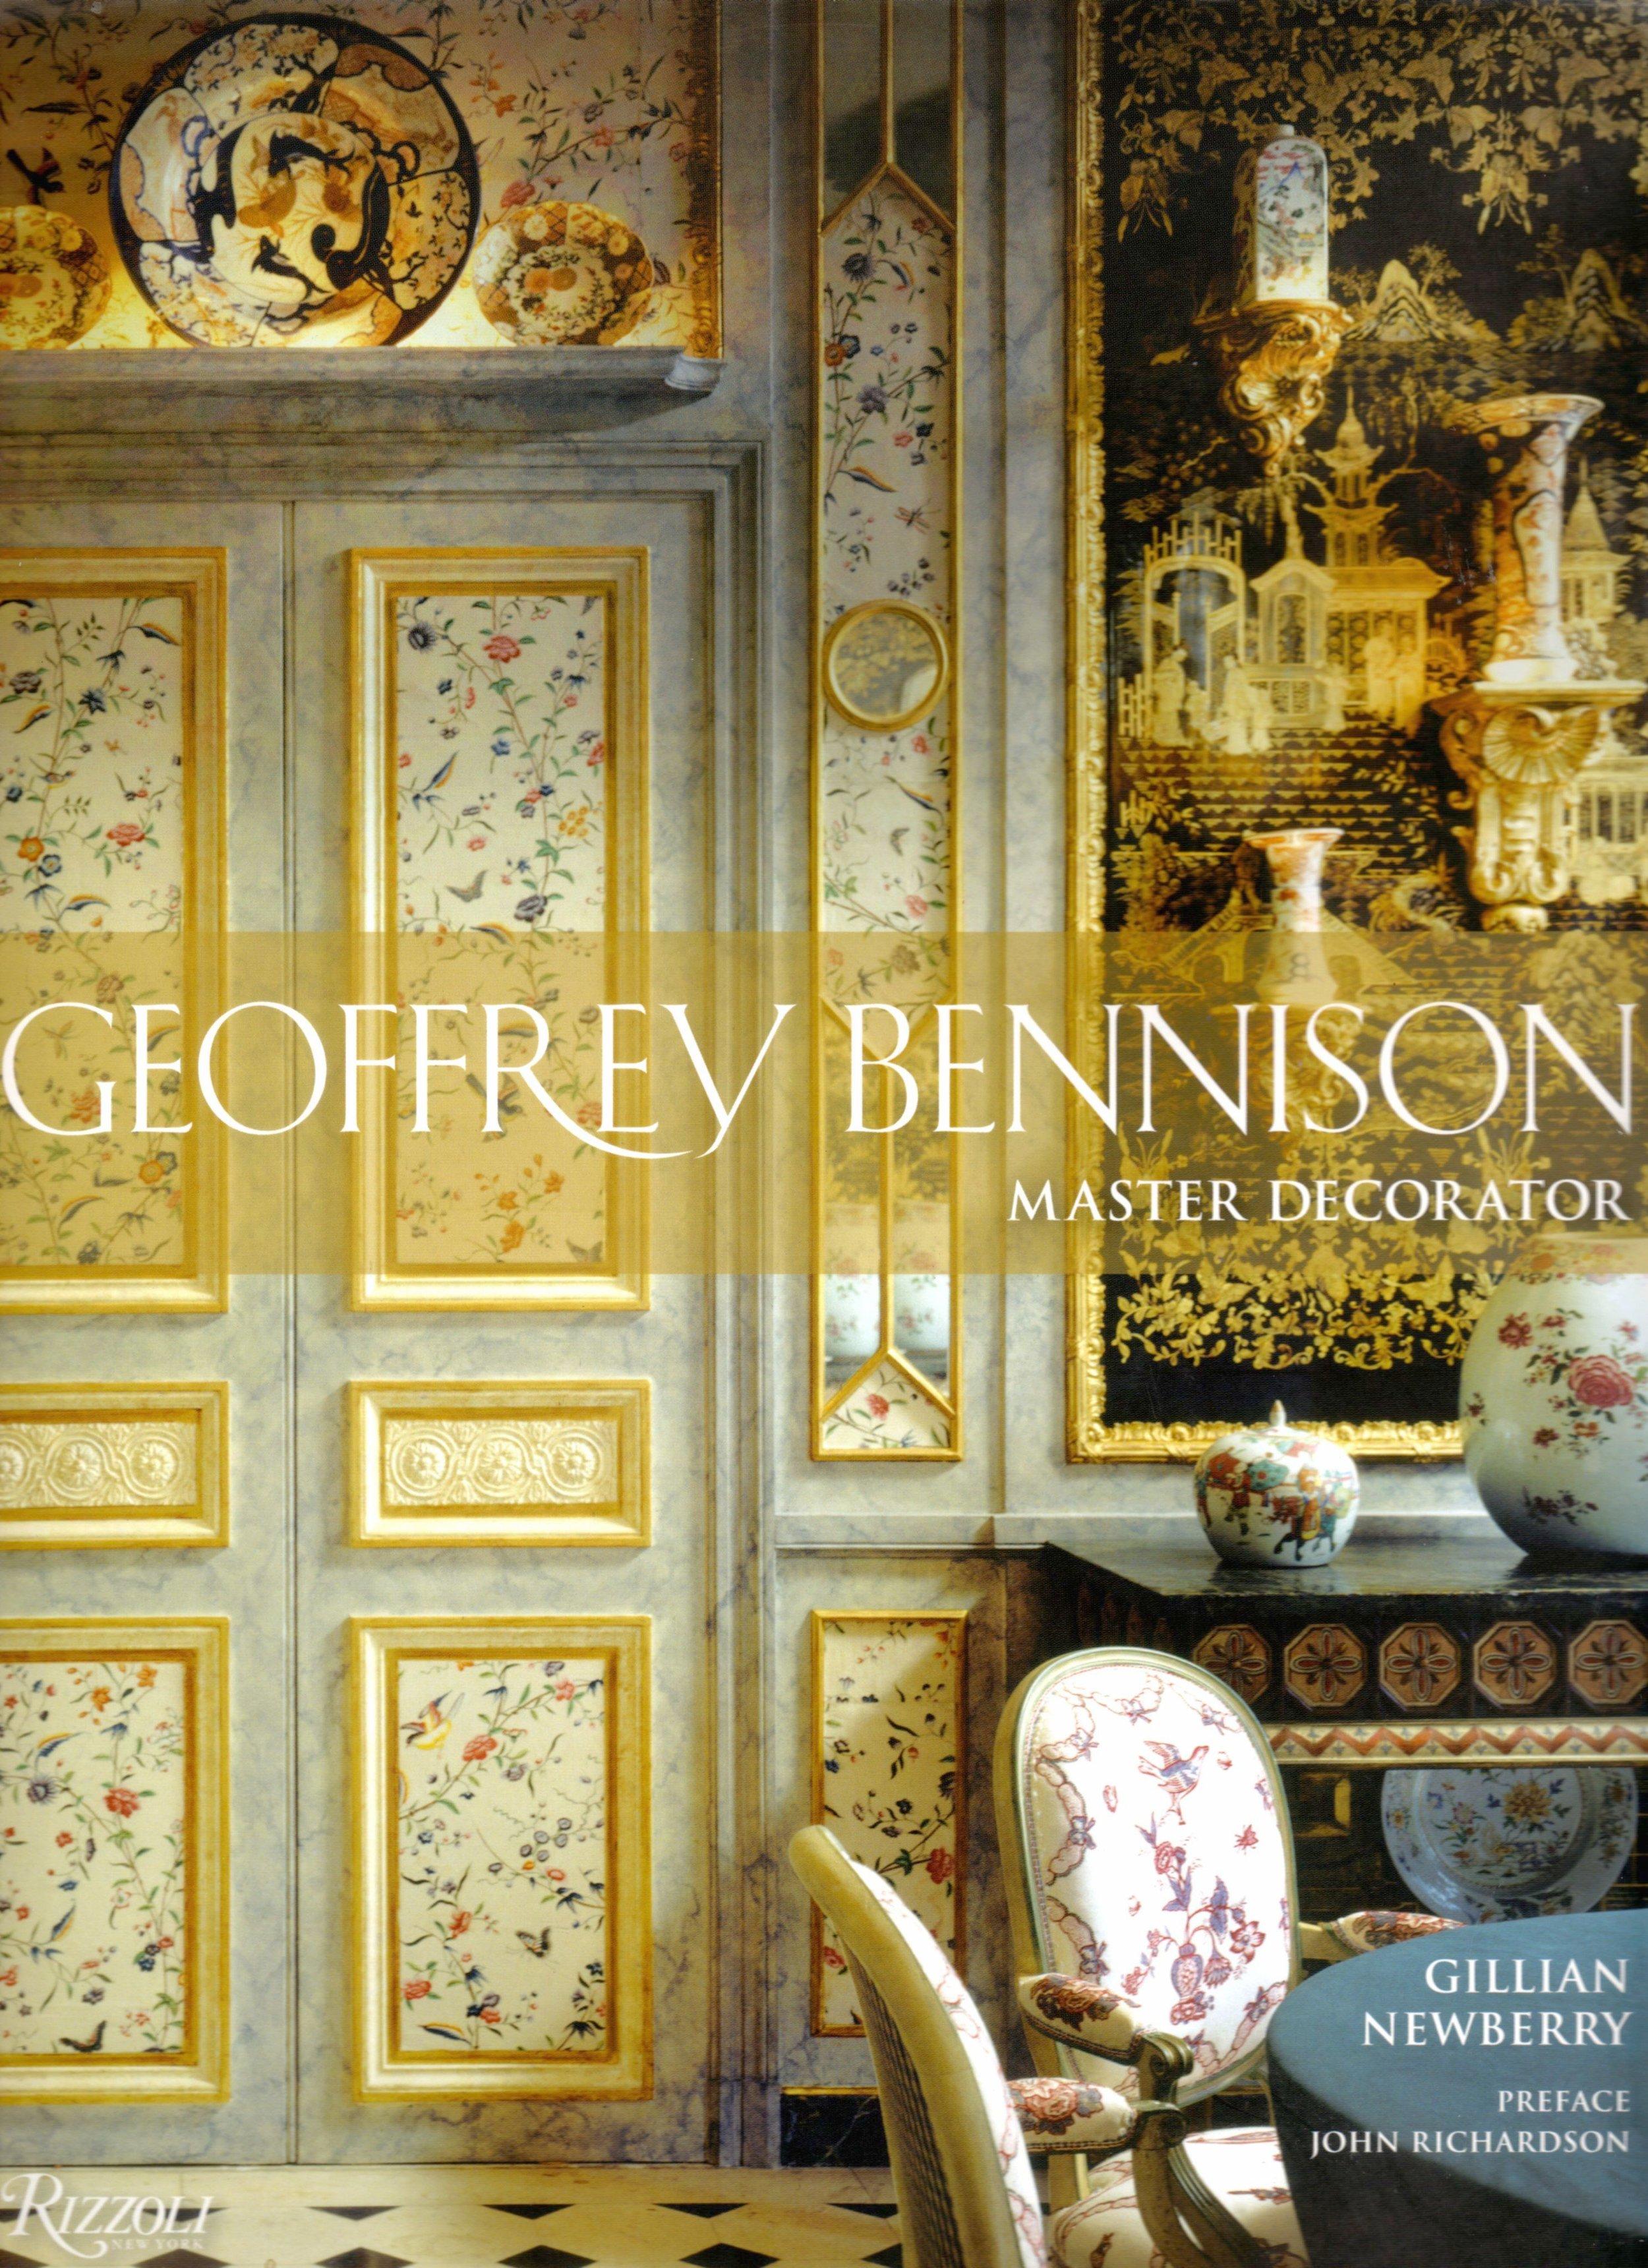 GEOFFREY BENNISON cover 2.jpg